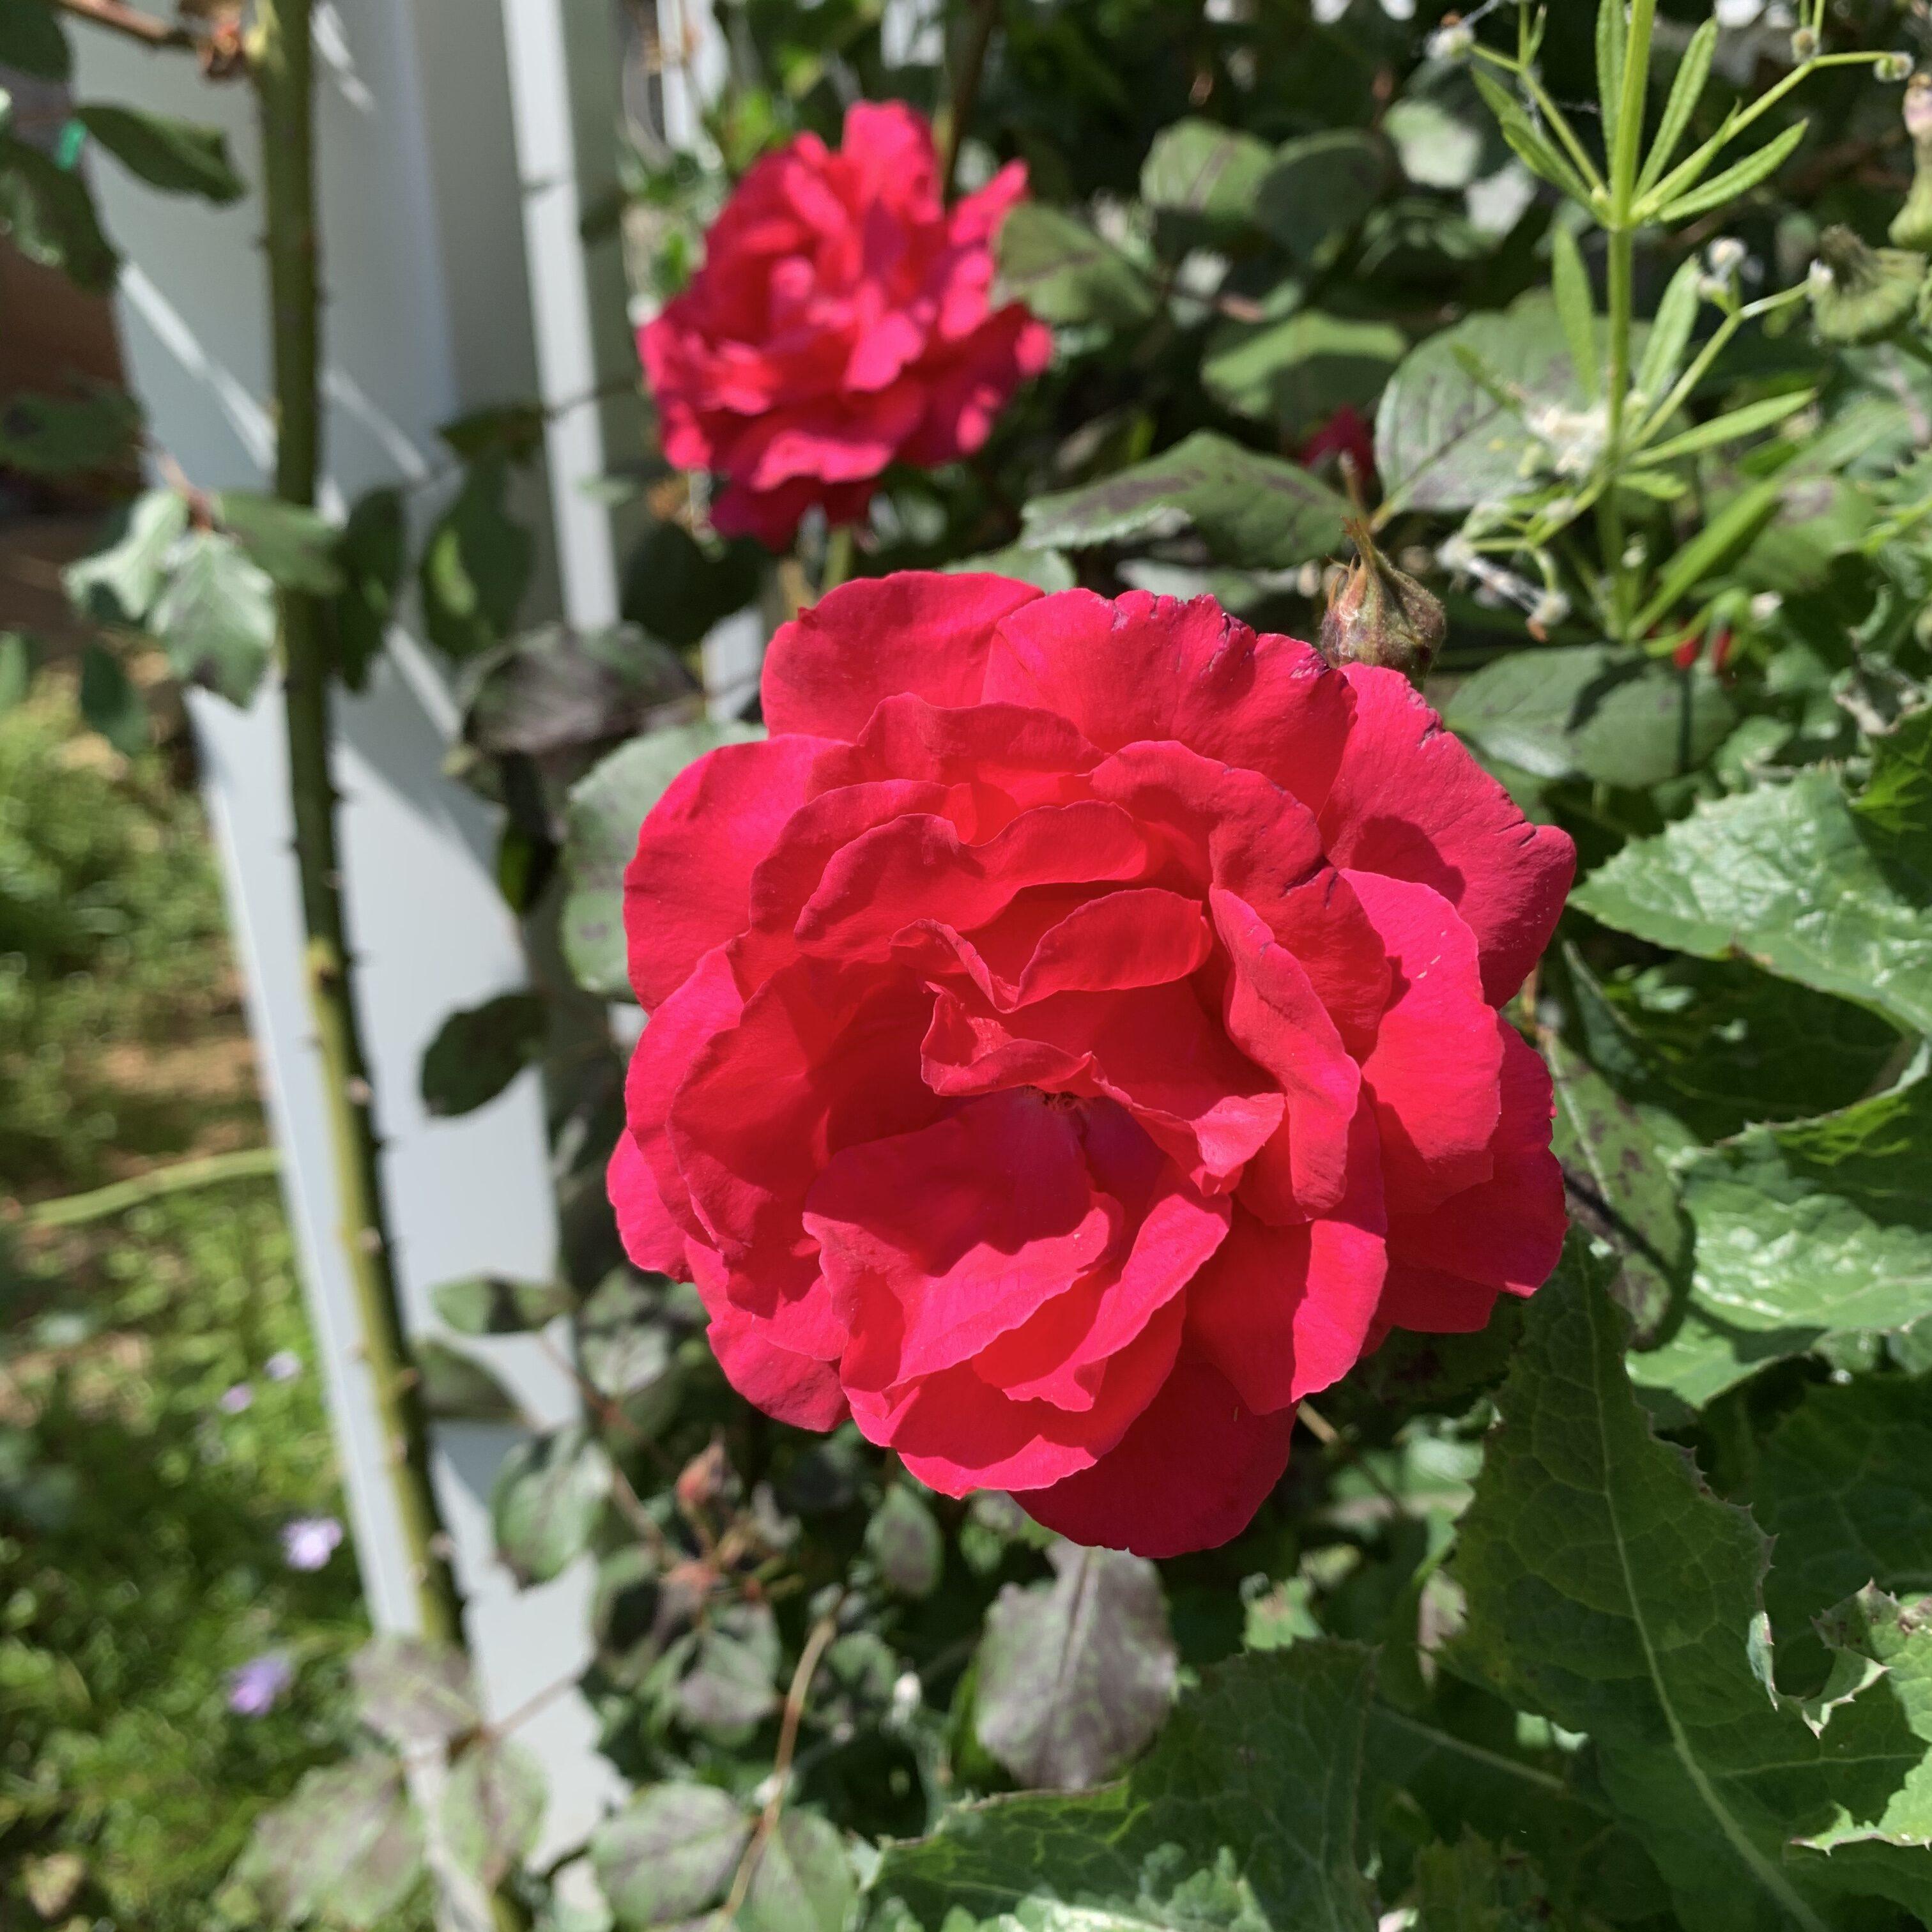 AE3A109E 658C 48CC ABF1 3F2FD0712357 Tomato planting day!